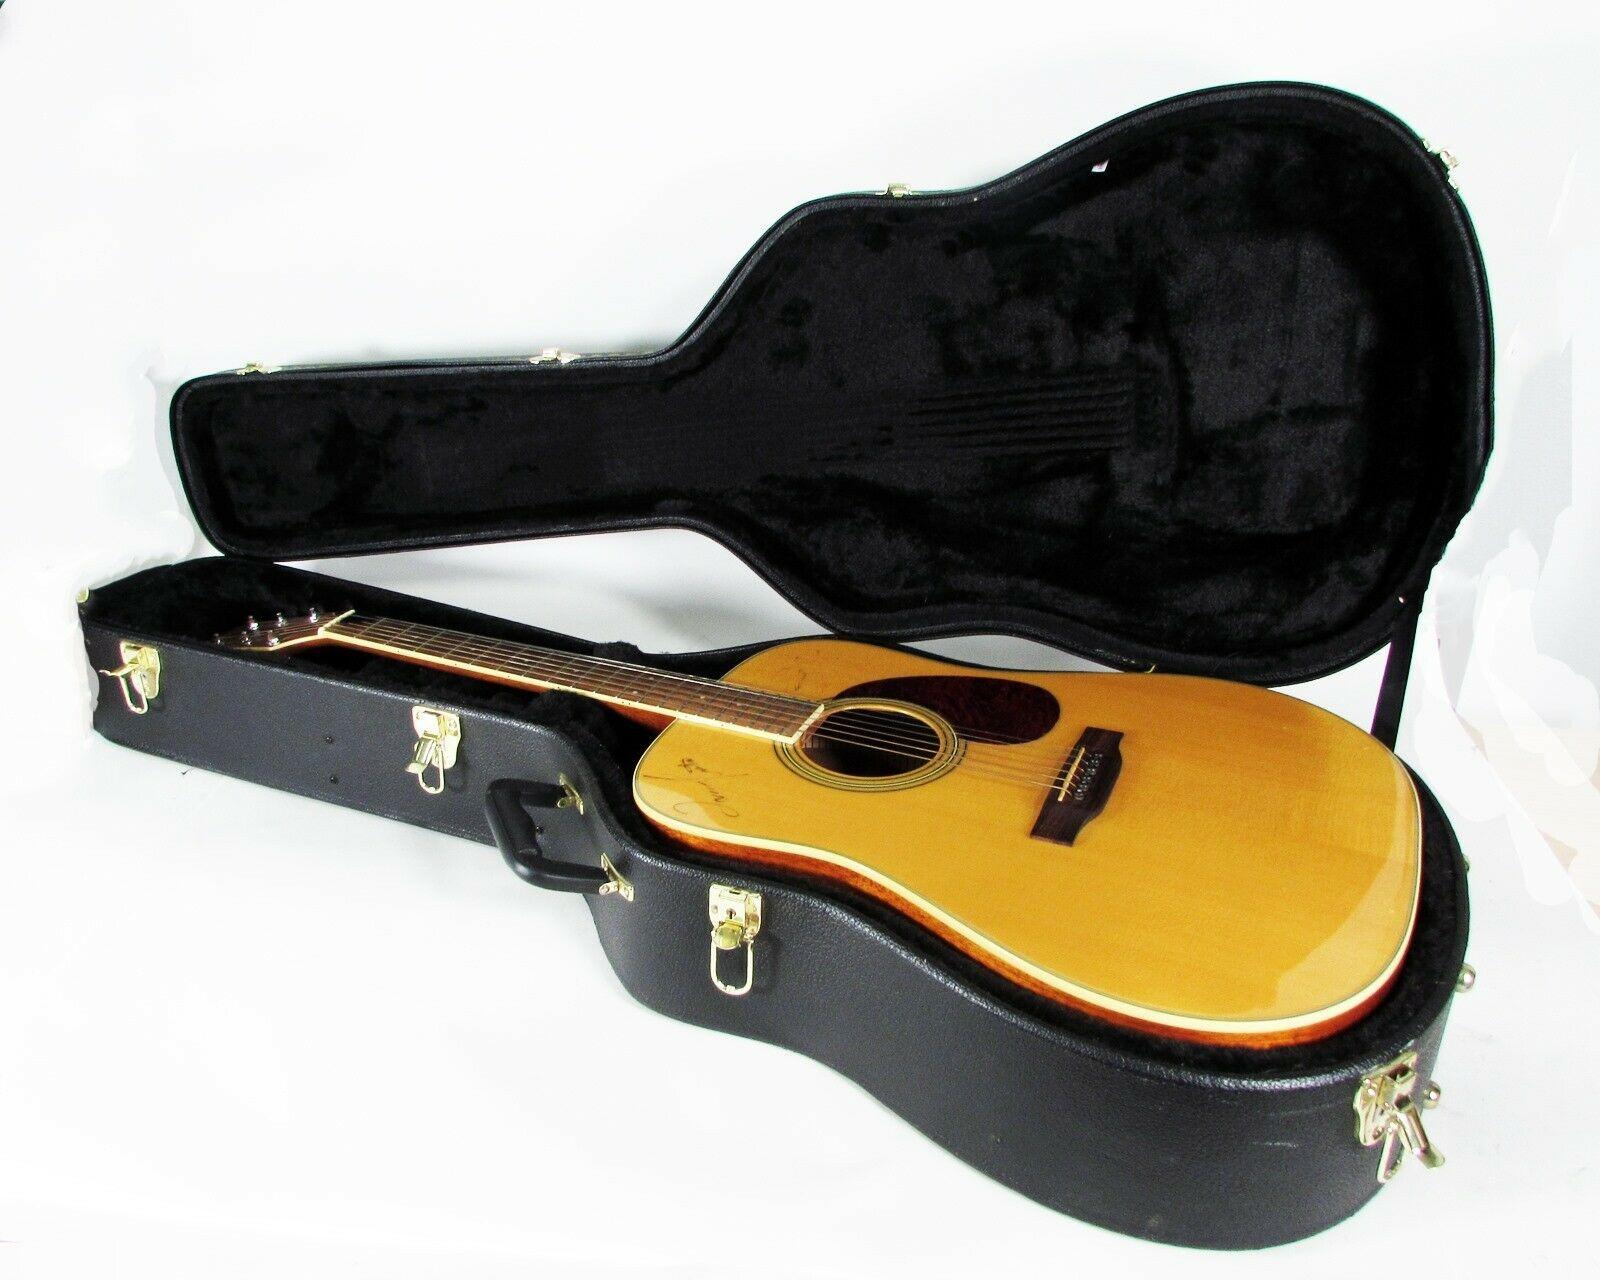 Carvin Cobalt 250 Dreadnought Acoustic Guitar W Hard Shell Case Ideas Of Acoustic Guitar Acousticguitar In 2020 Guitar Carvin Acoustic